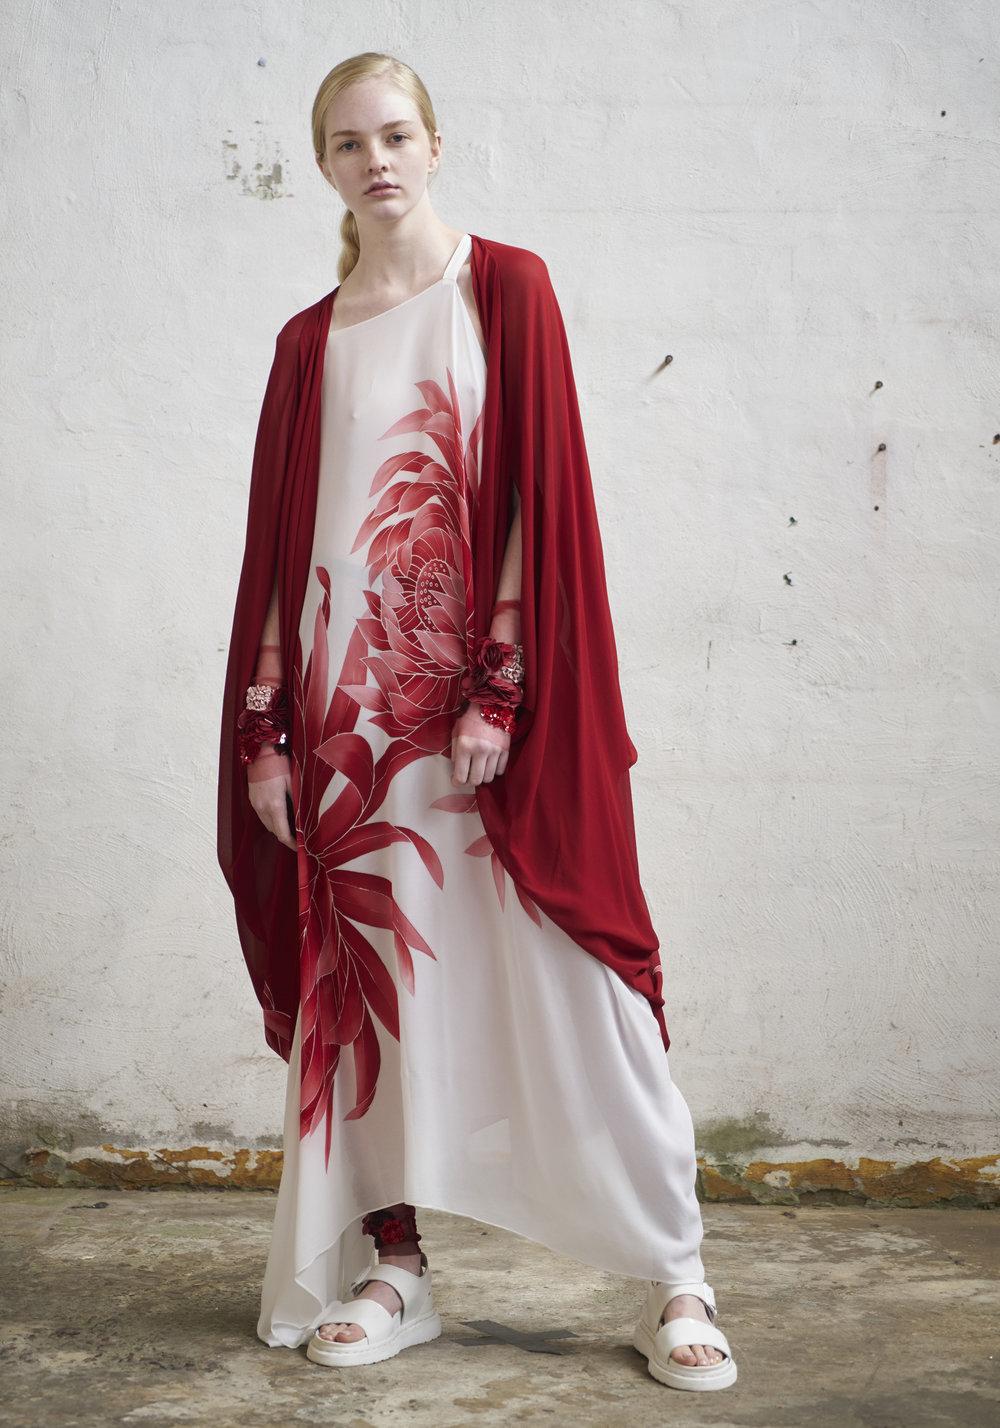 L O O K 0 7  237/S178221 Cocoon Kimono  237/S171593 Off Shoulder Strap Dress  151/S173446 Embellished Leggings